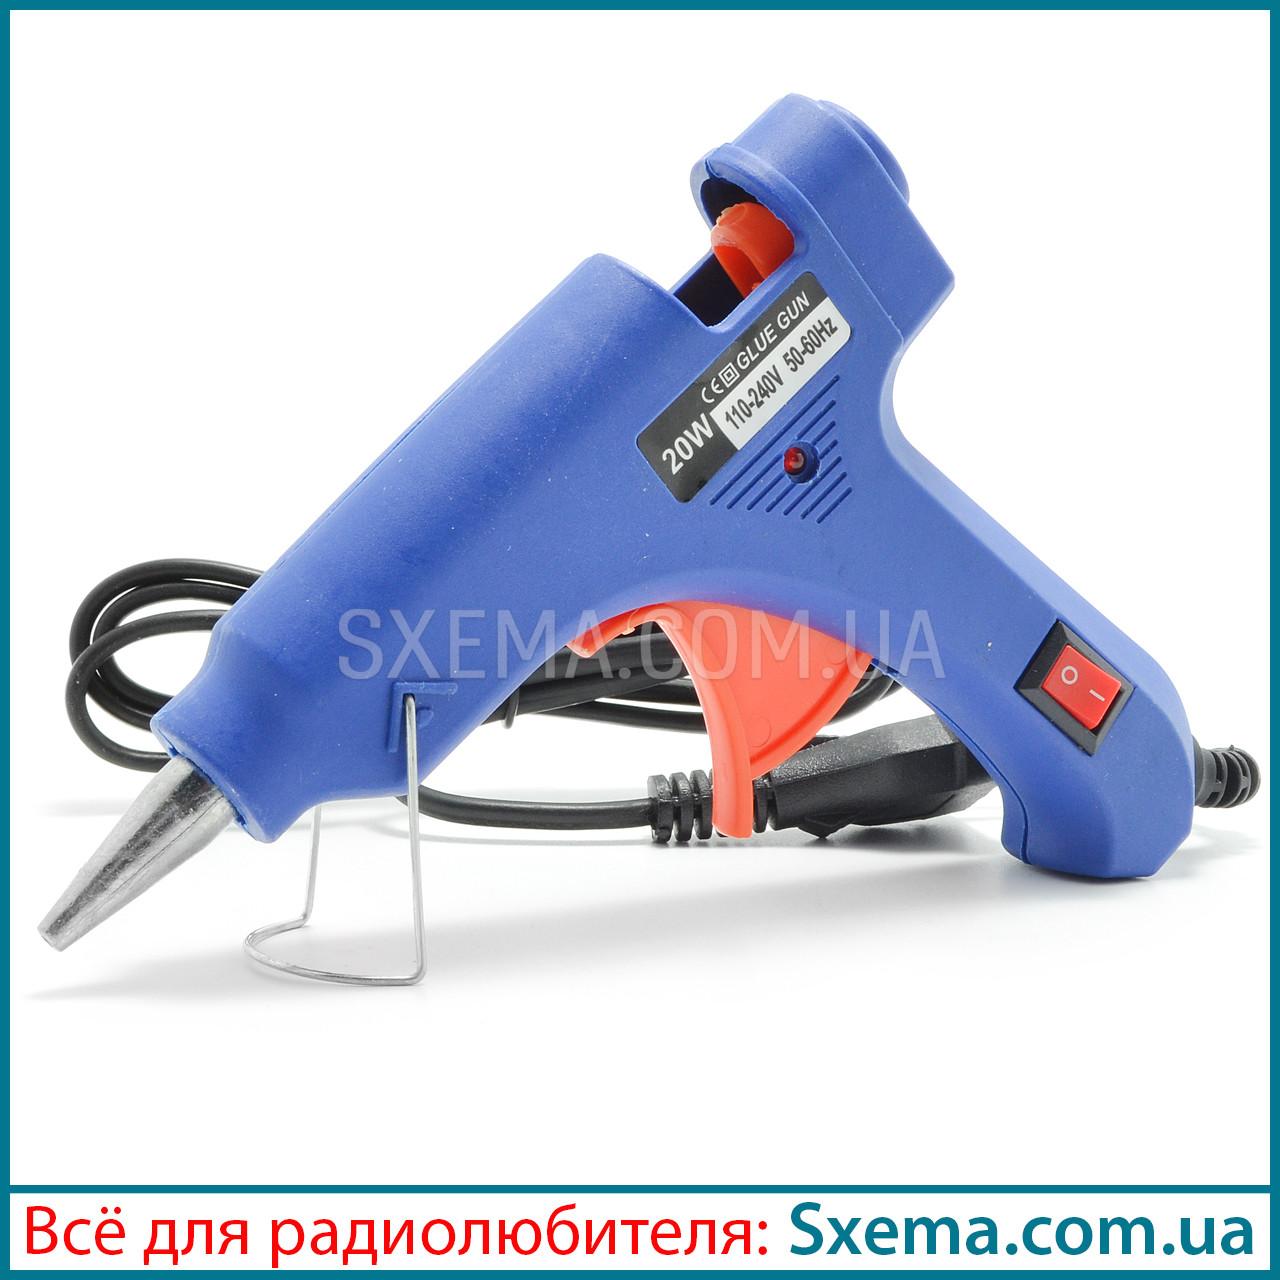 Клеевой пистолет термопистолет Shun Xin TL-20W 7мм, тонкий носик, кнопка включения